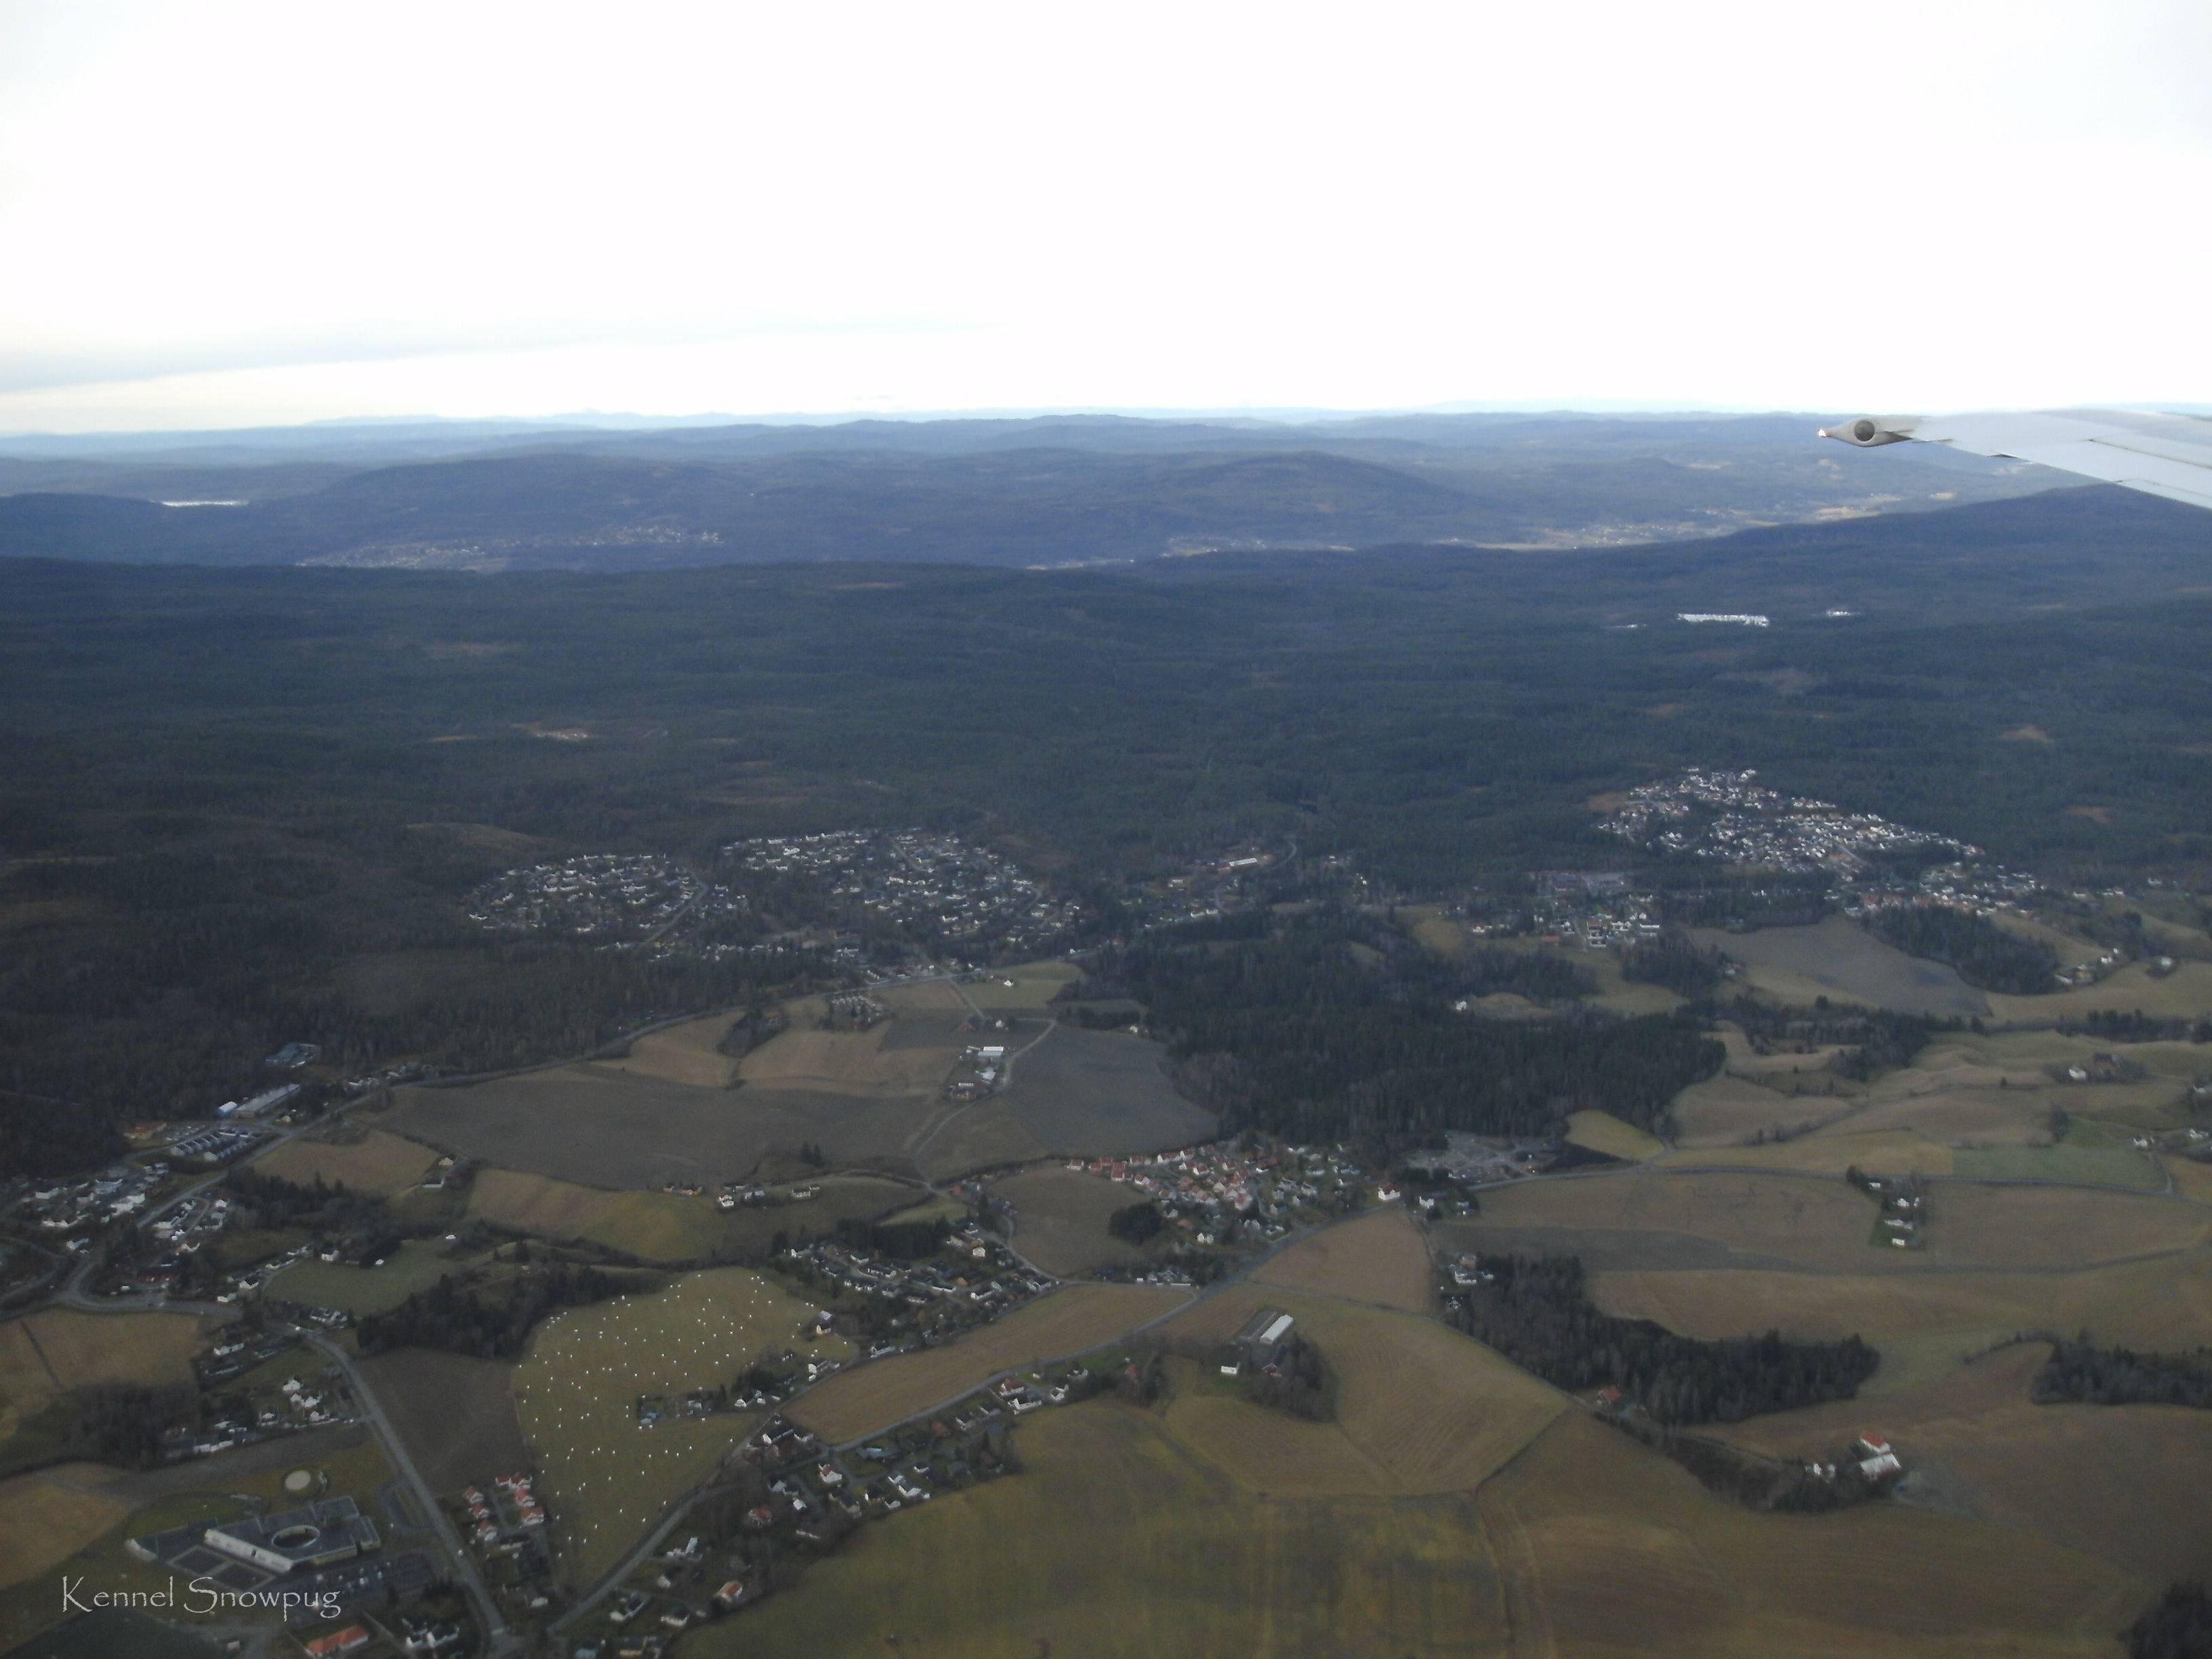 Pp vei inn for landing på Gardermoen